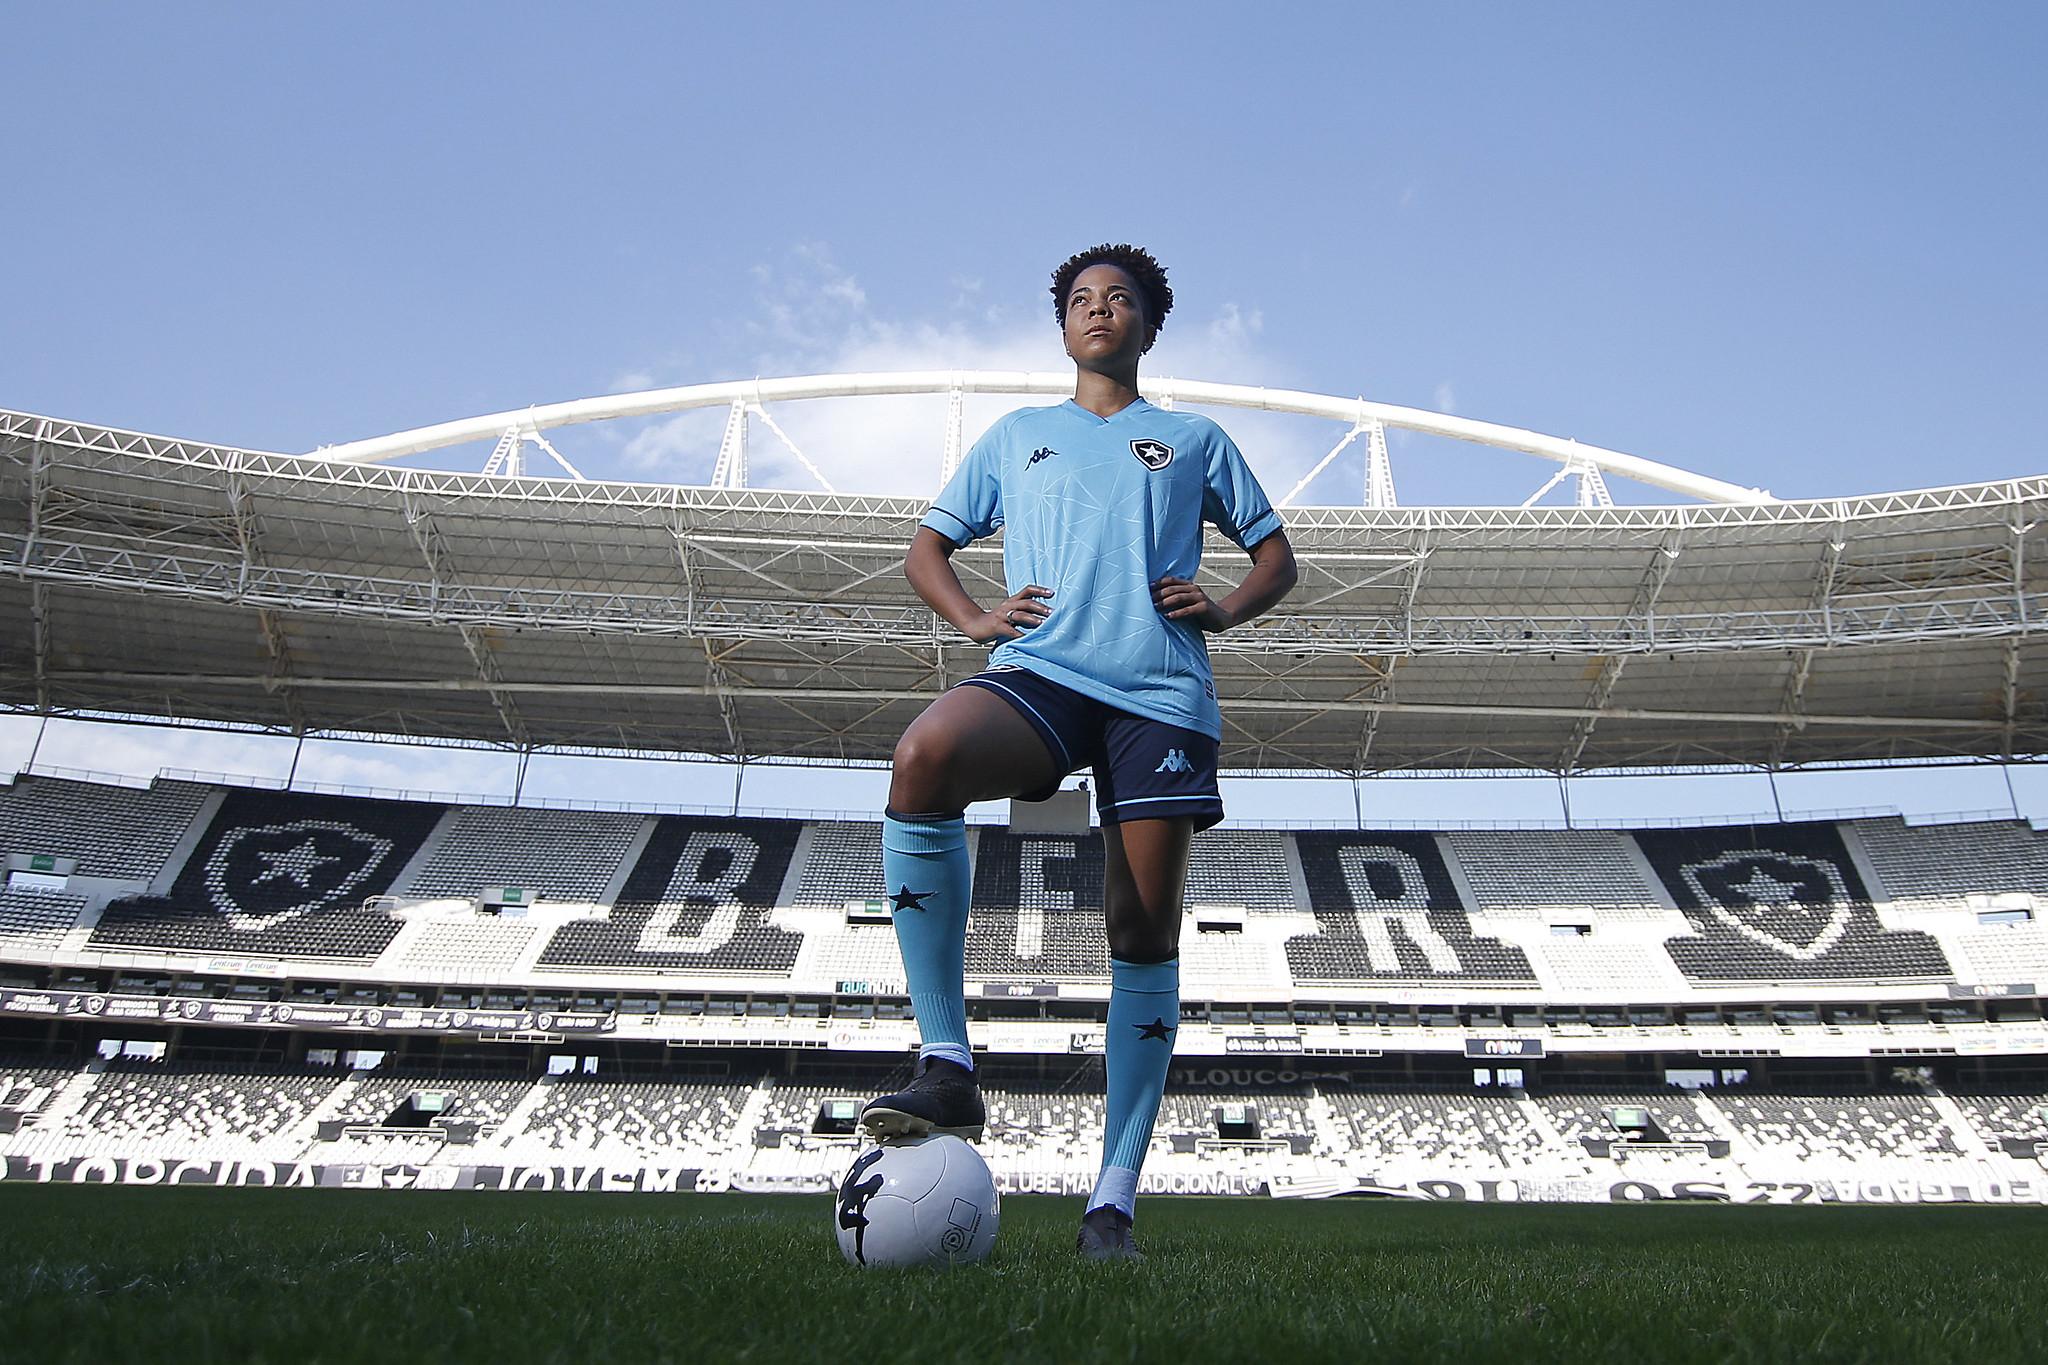 Quarta camisa do Botafogo 2021-2022 Kappa a